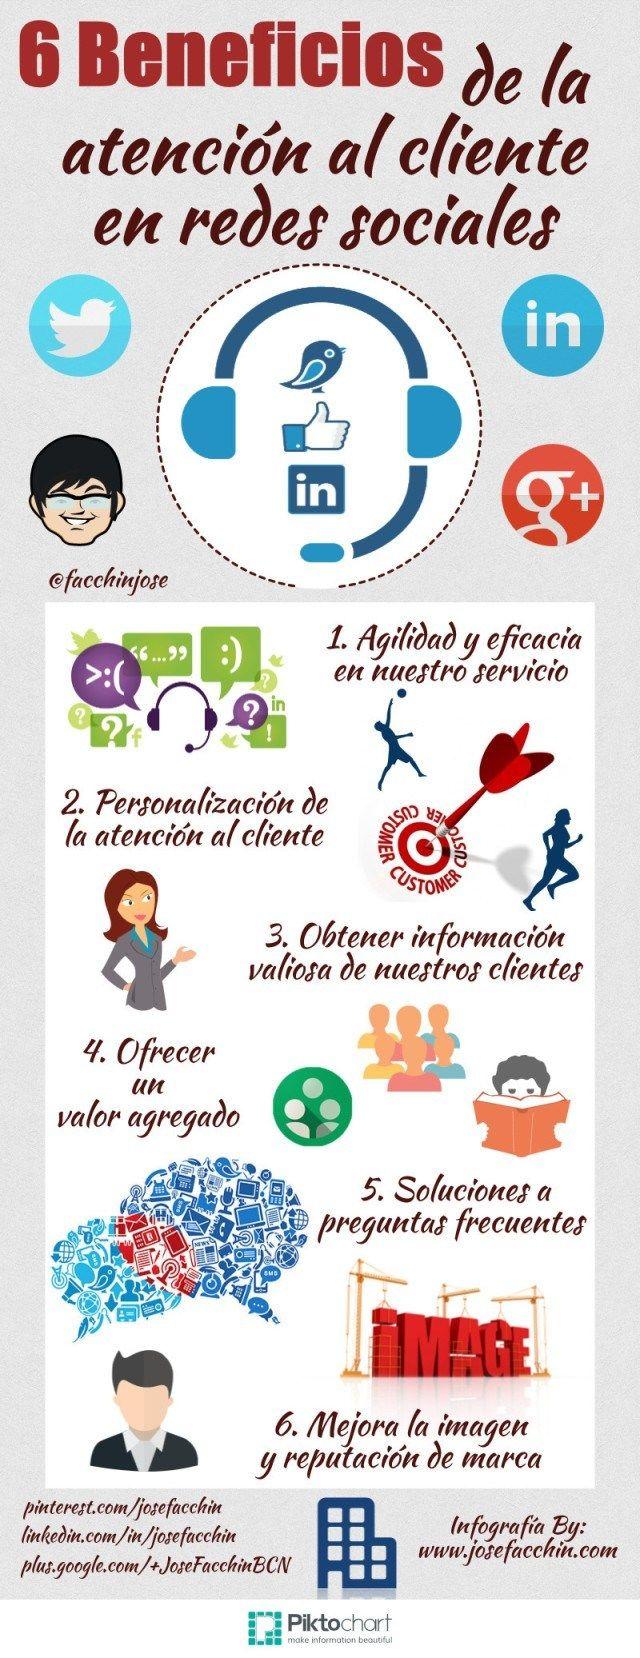 infografia_6_beneficios_atencion_al_publico_en_redes_sociales